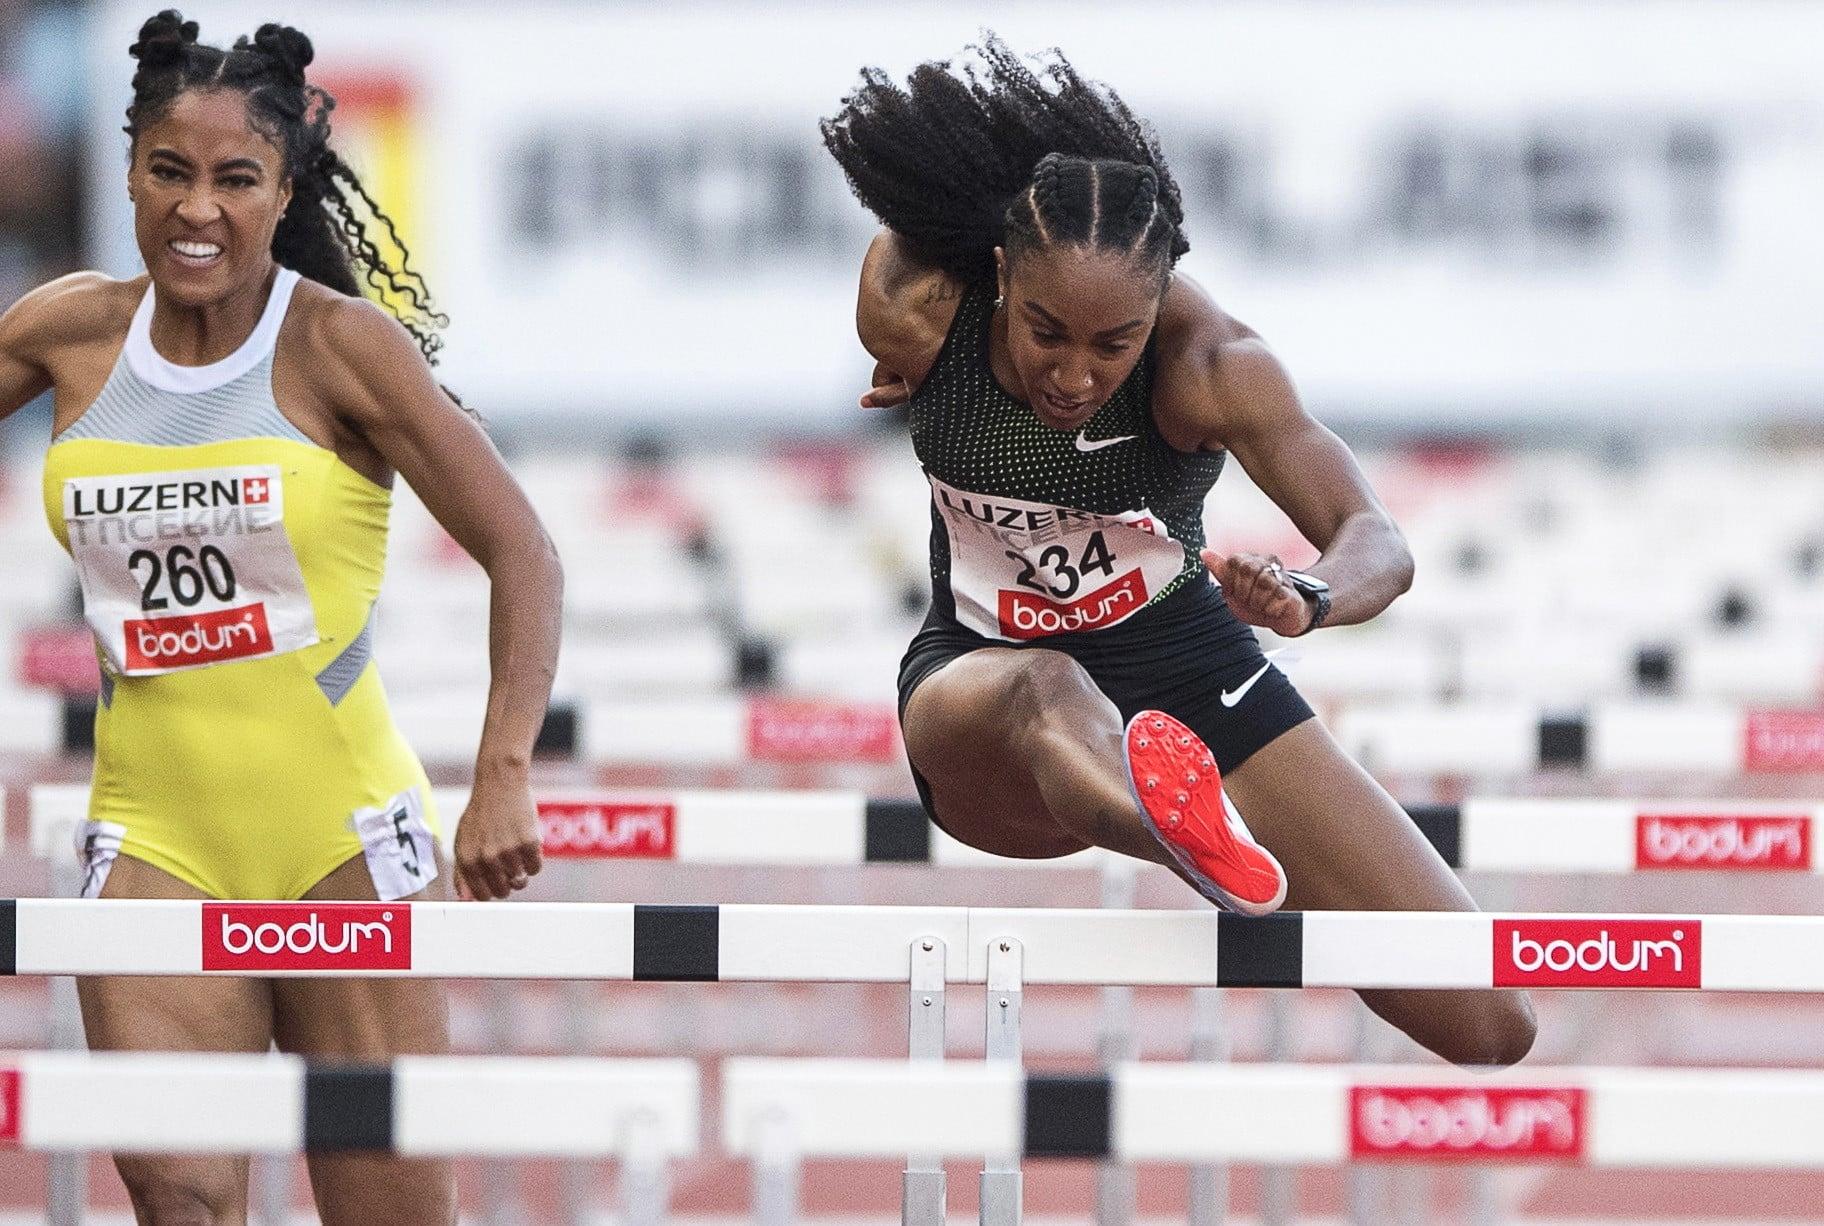 Wyścig kobiet na 100 m przez płotki podczas Międzynarodowego Salonu Lekkoatletycznego w Lucernie w Szwajcarii, fot: Urs Flueeler, PAP, EPA